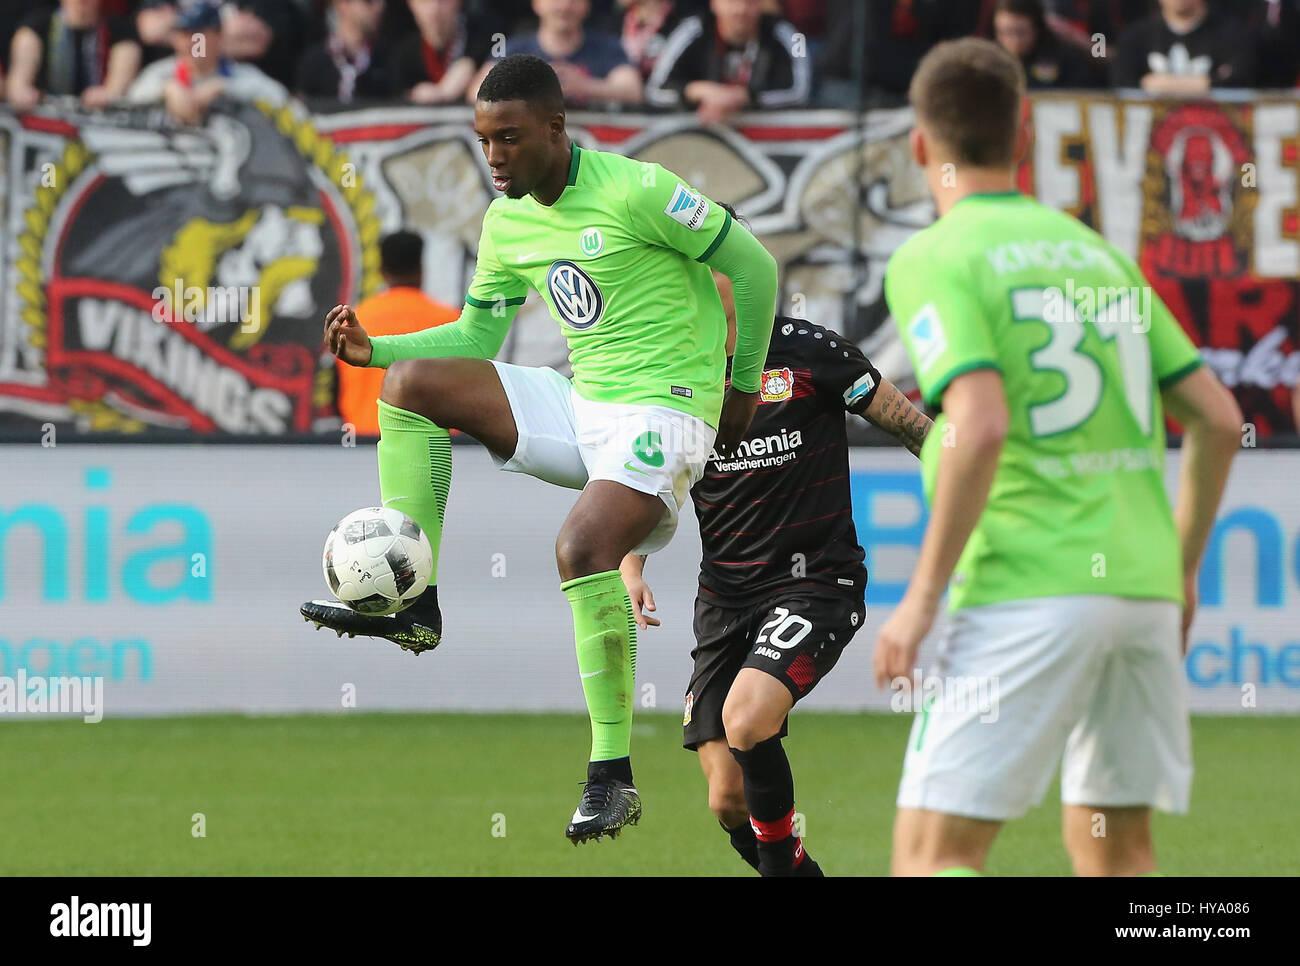 Leverkusen, Germany2nd April 2017, Bundesliga, matchday 2, Bayer 04 Leverkusen vs VfL Wolfsburg: Riechedly Bazoer - Stock Image